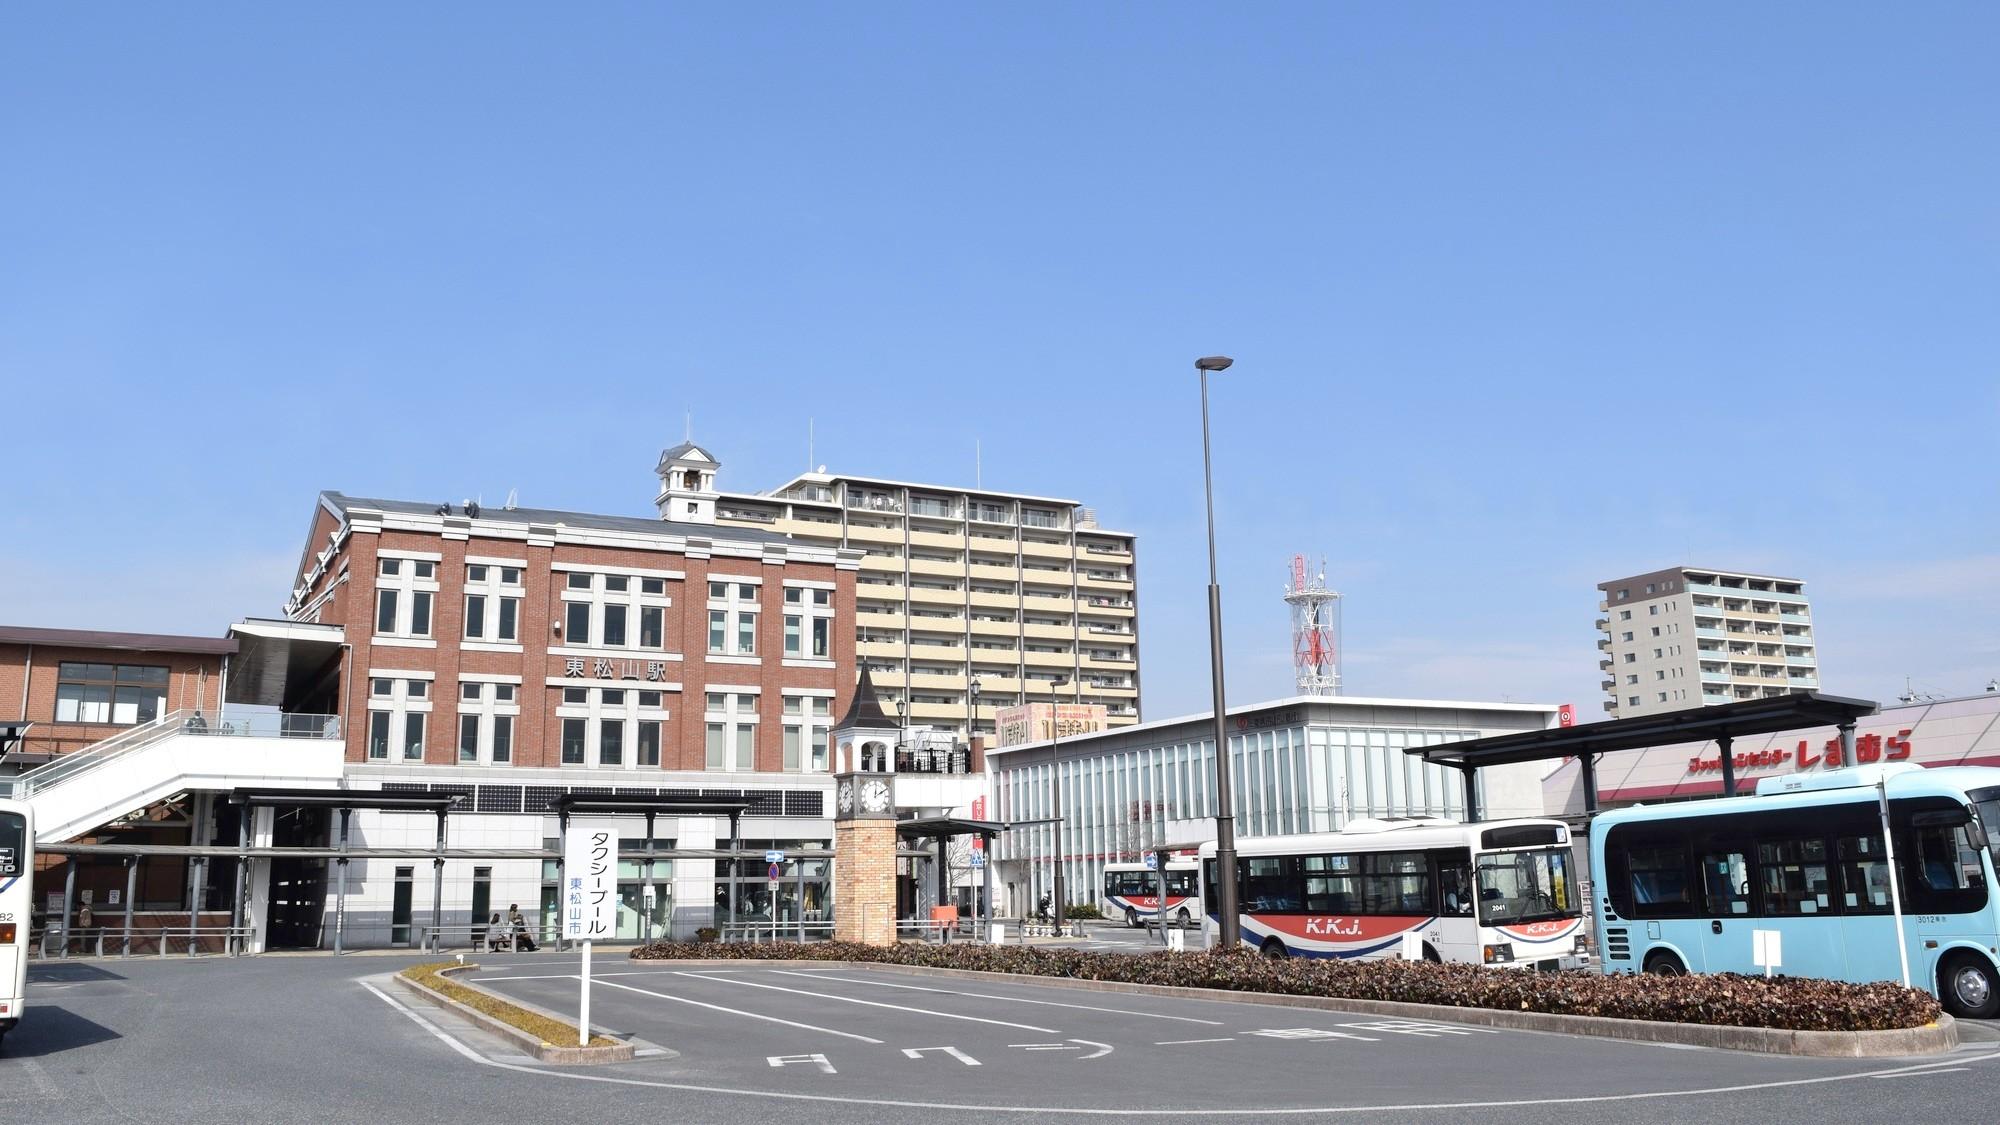 都内勤務20代、埼玉に住めるか…理想の郊外「東松山」の場合